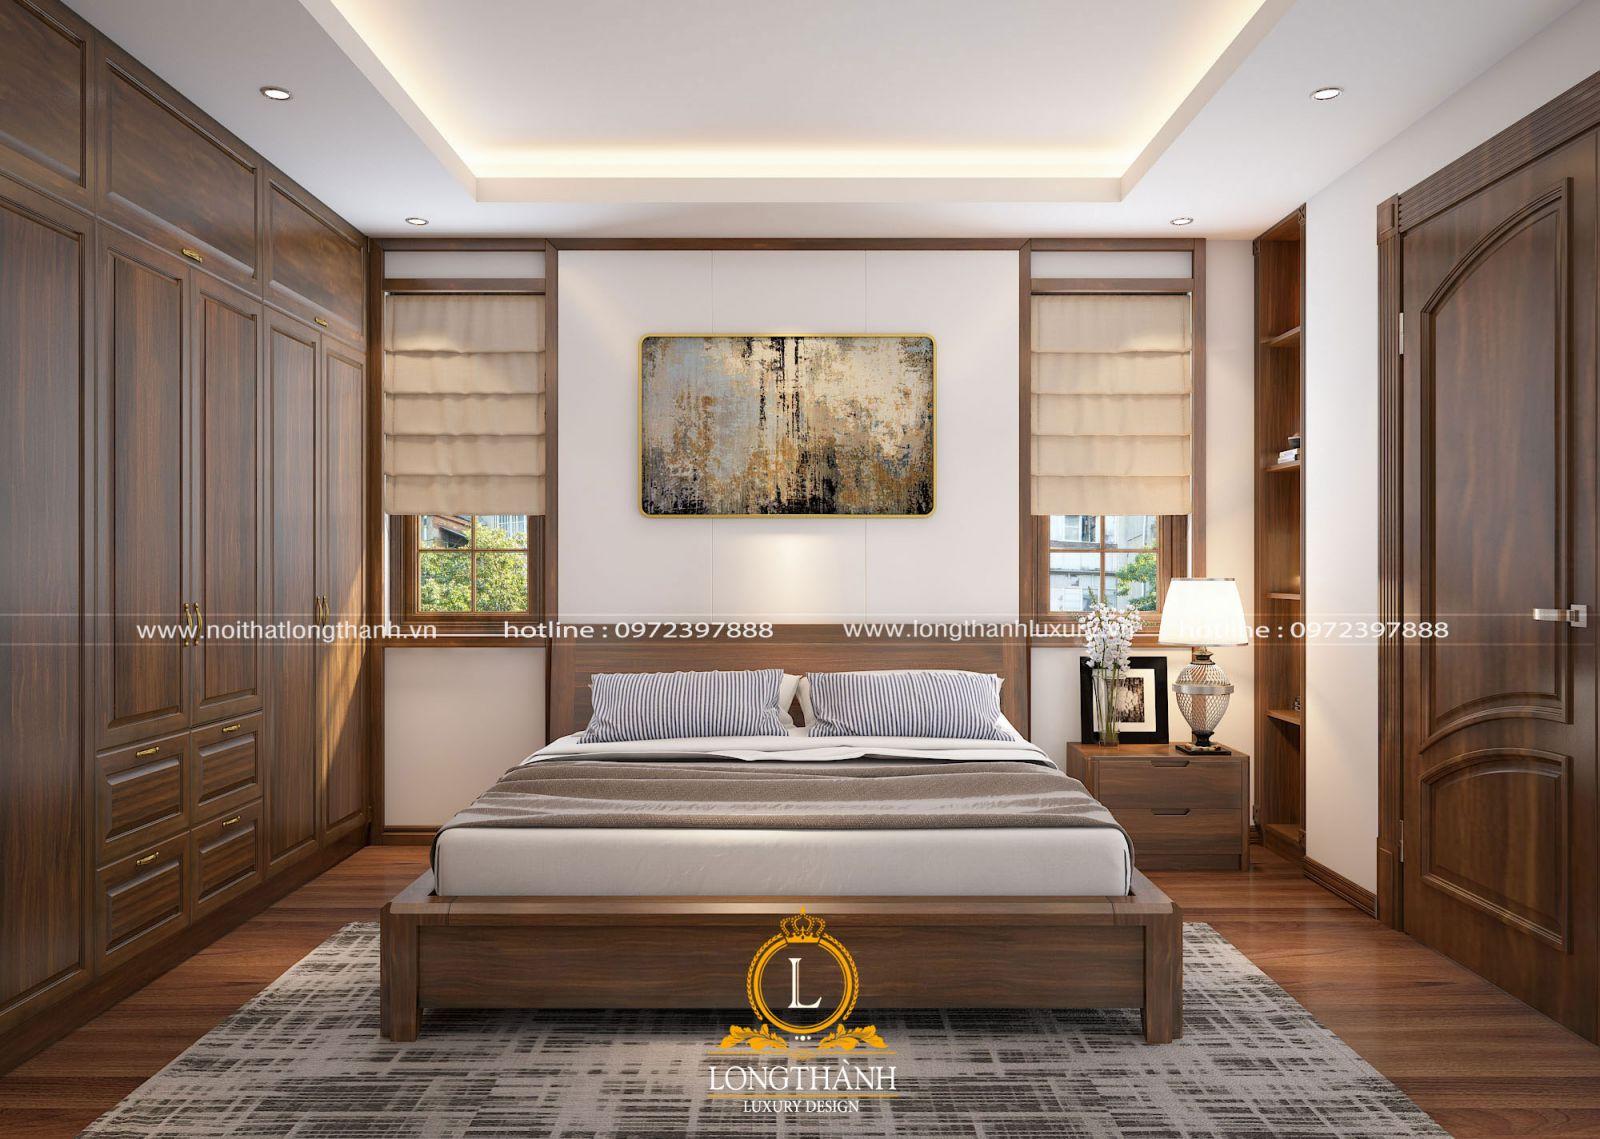 Căn phòng ngủ hiện đại vớicửa sổ thông thoáng đón ánh sáng tự nhiên